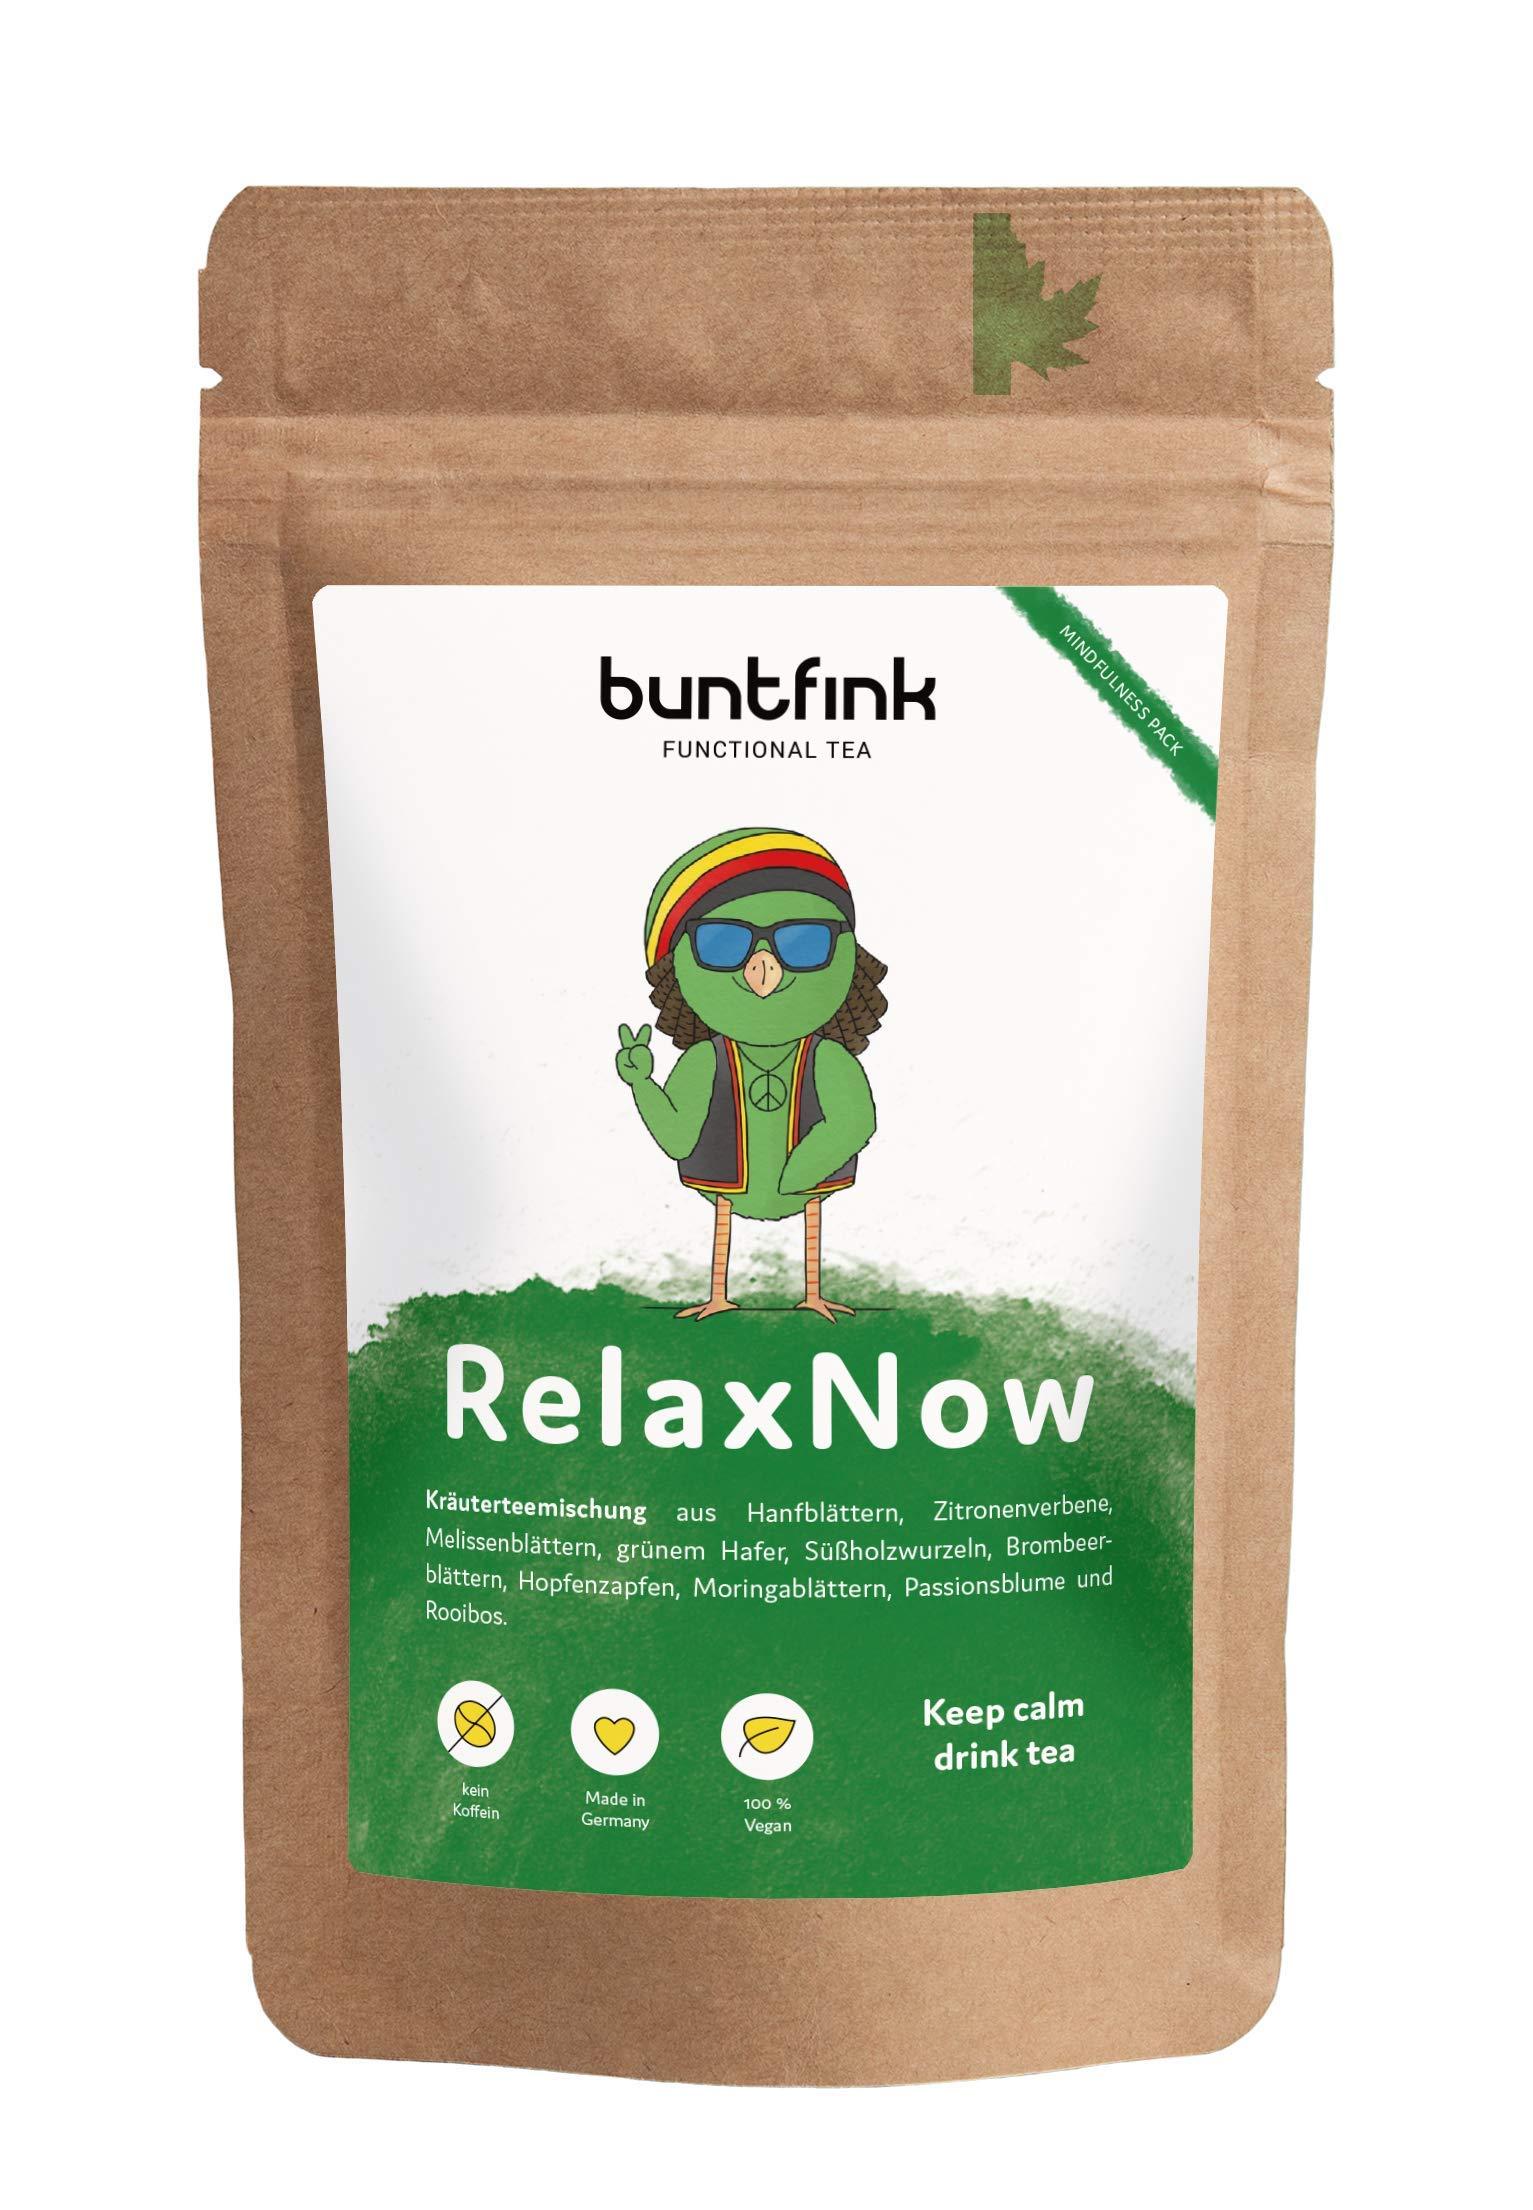 RelaxNow-Tee-mit-Moringa-Passionsblume-Melissenbltter-Rooibos-100-natrlicher-Krutertee-aus-Deutschland-60g-loser-Tee